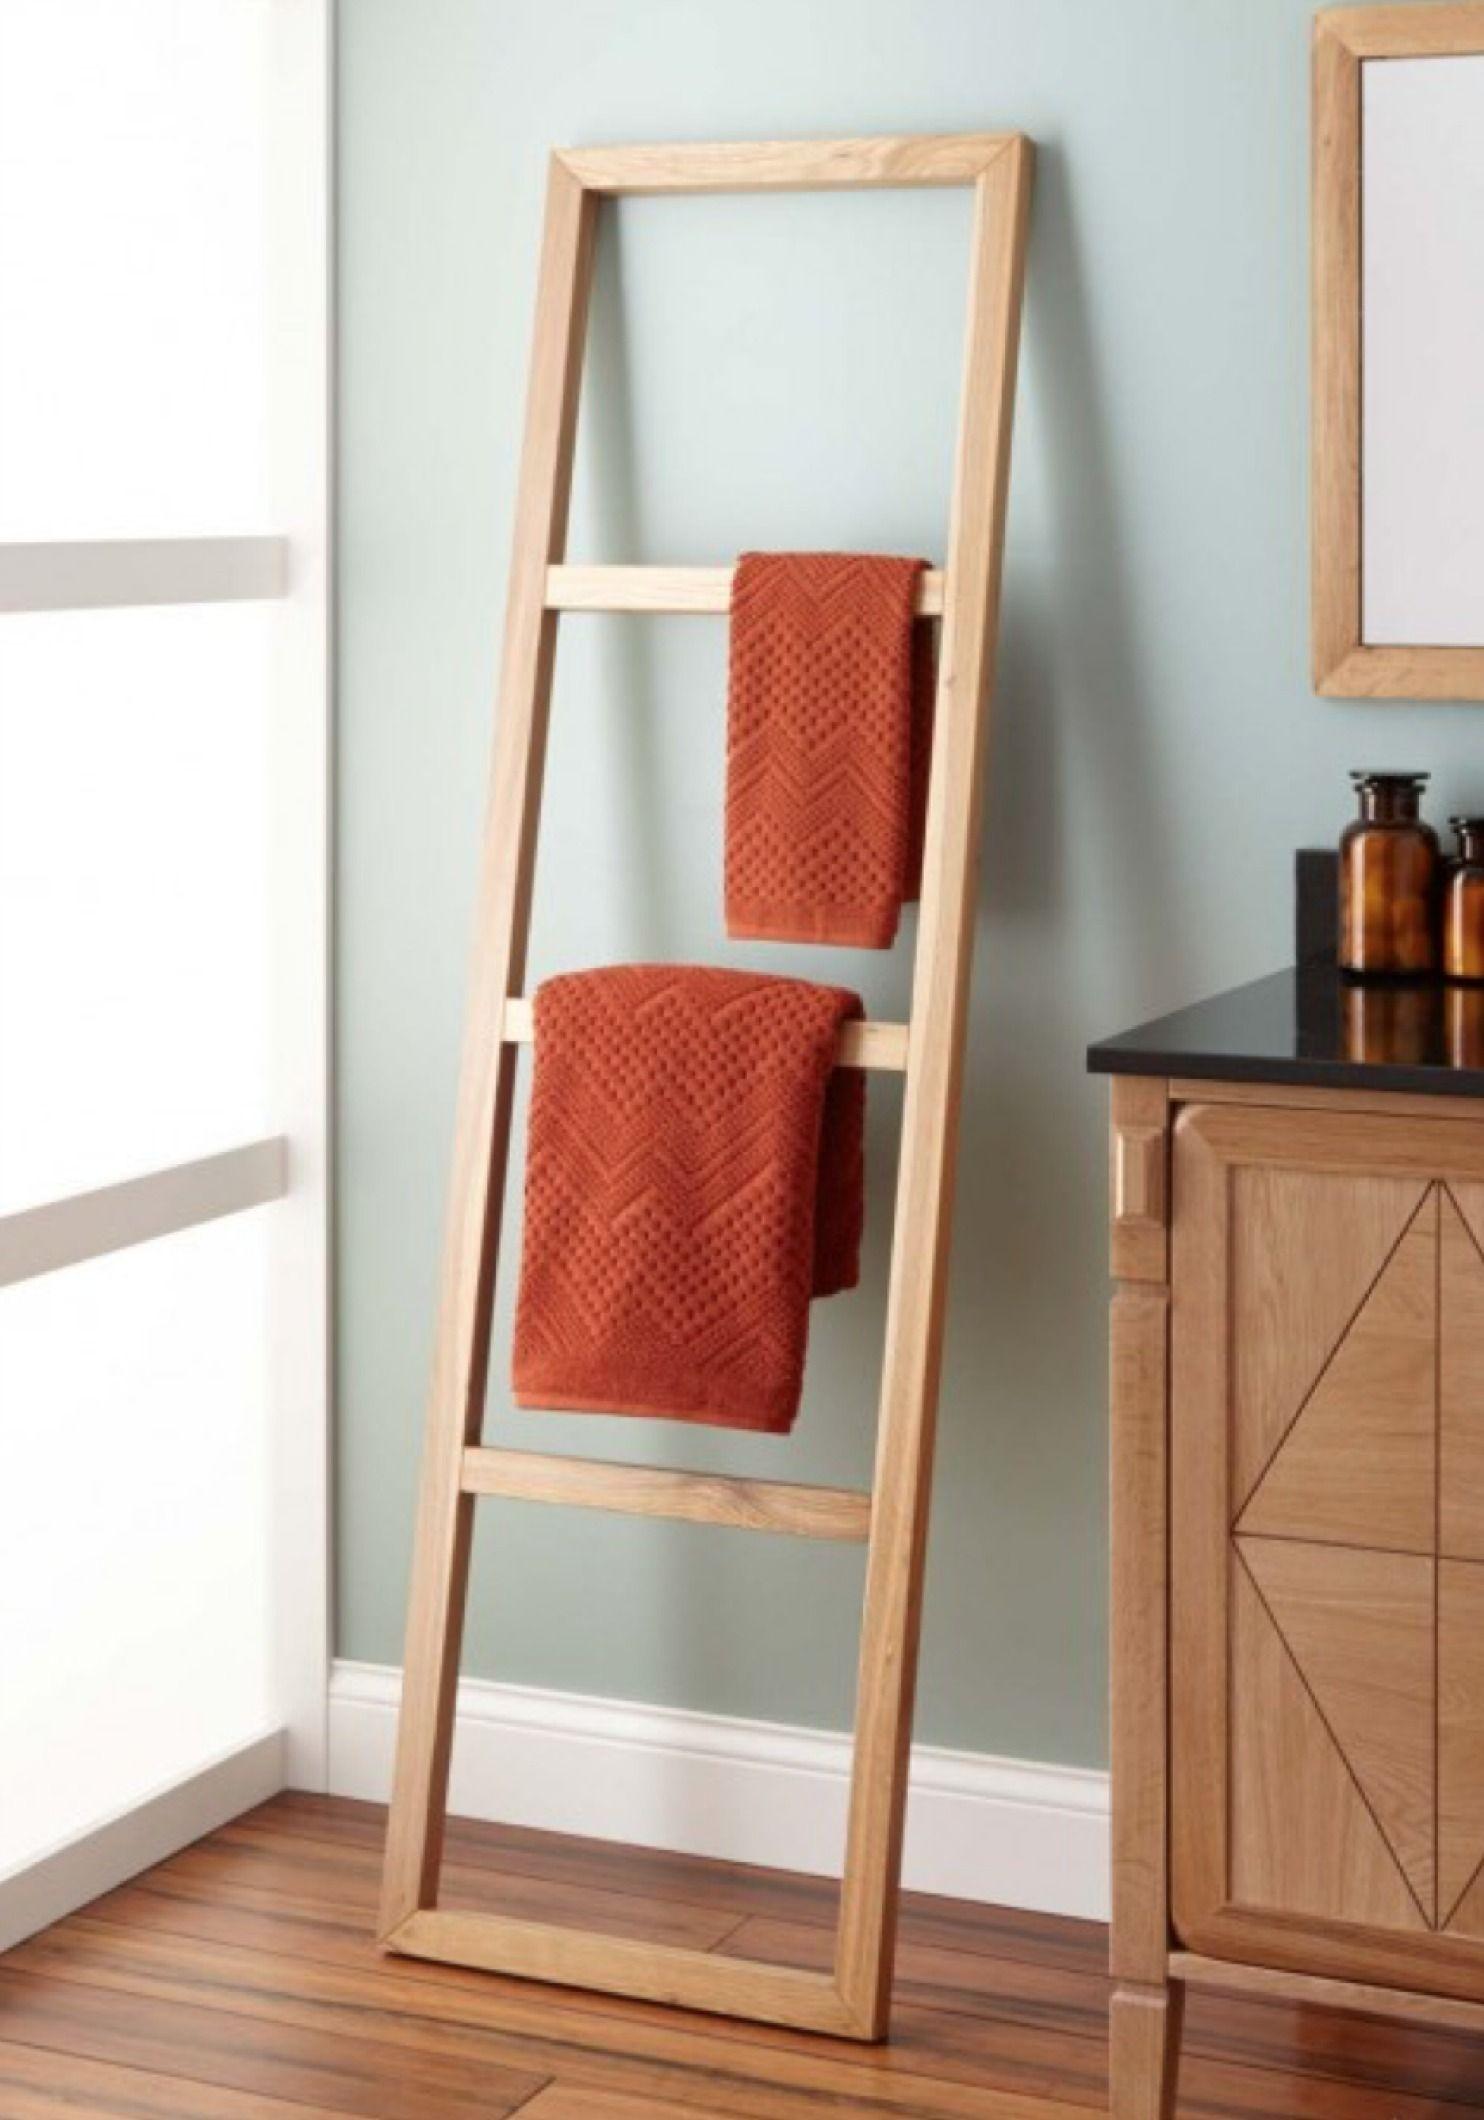 Stokes Teak Ladder Towel Rack Bathroom Diy Bathroom Design Diy Bathroom Diy Bathroom Decor